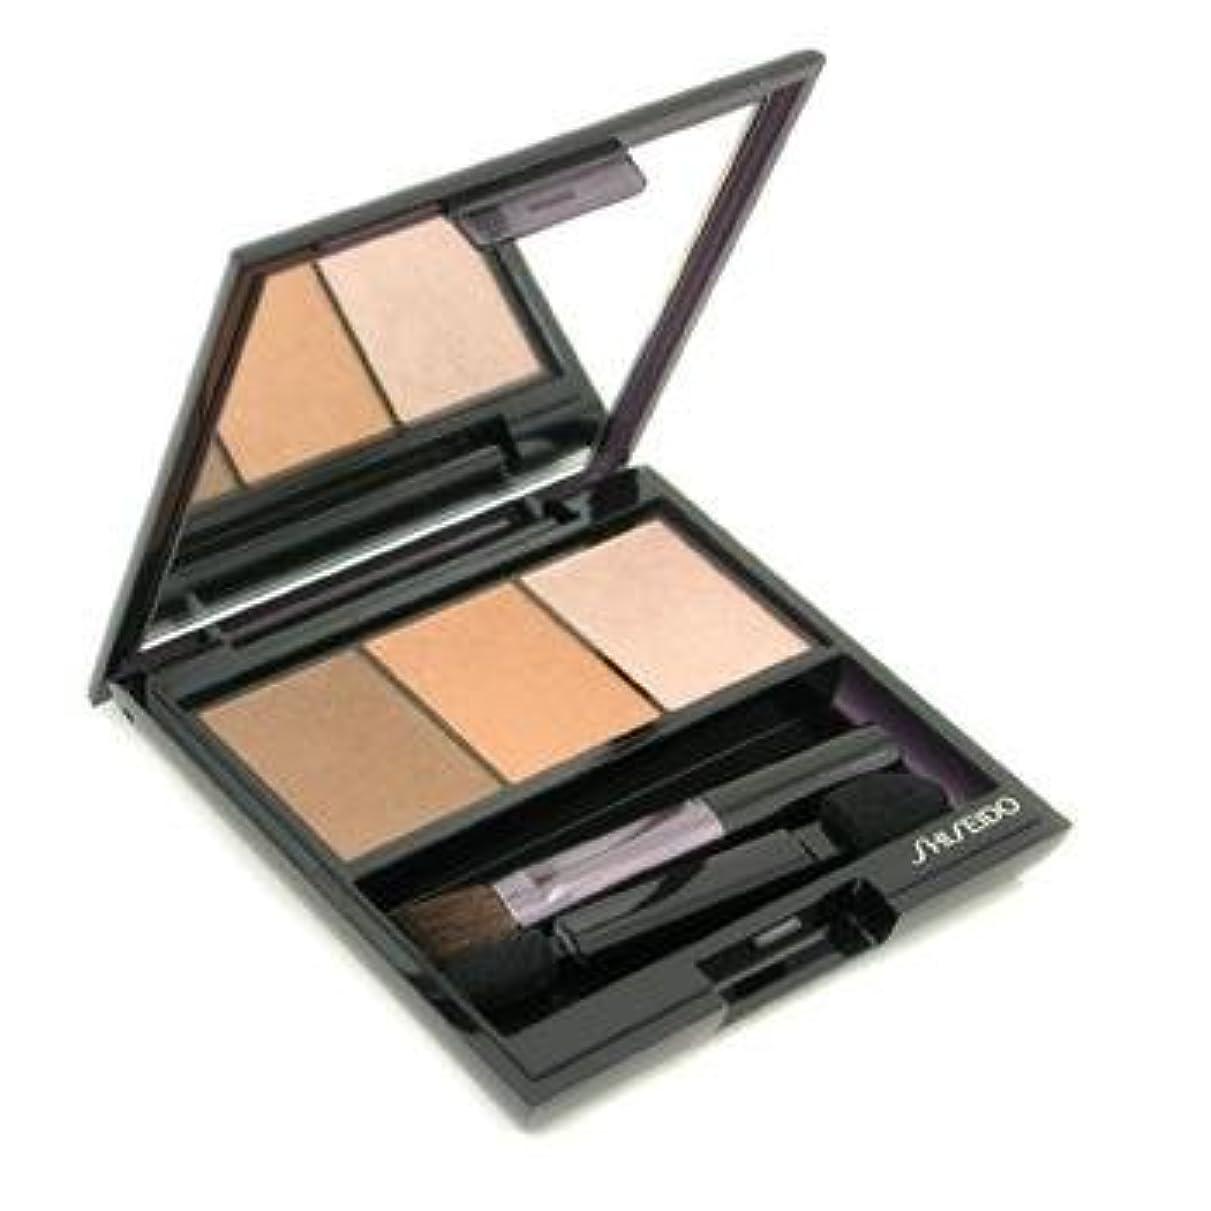 過去アコーシャイニング資生堂 ルミナイジング サテン アイカラー トリオ BR209(Shiseido Luminizing Satin Eye Color Trio BR209) [並行輸入品]